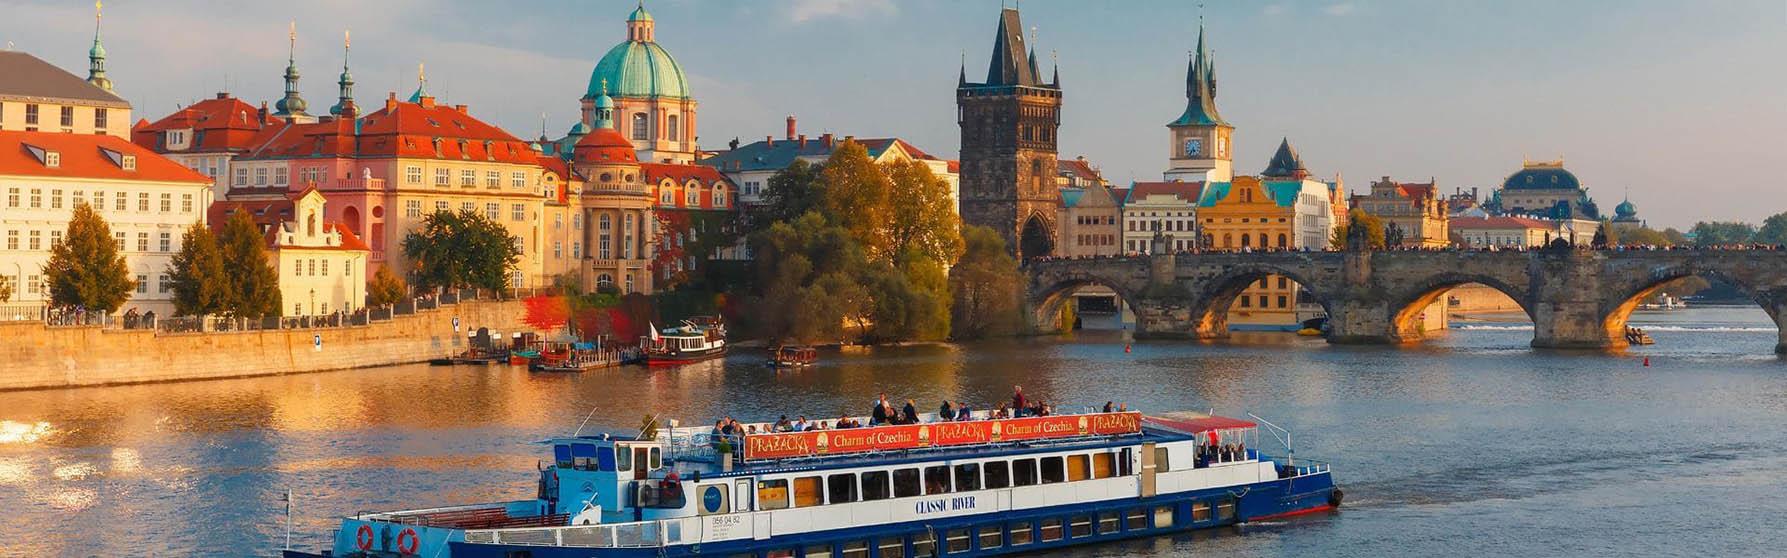 Plavby lodí po Vltavě